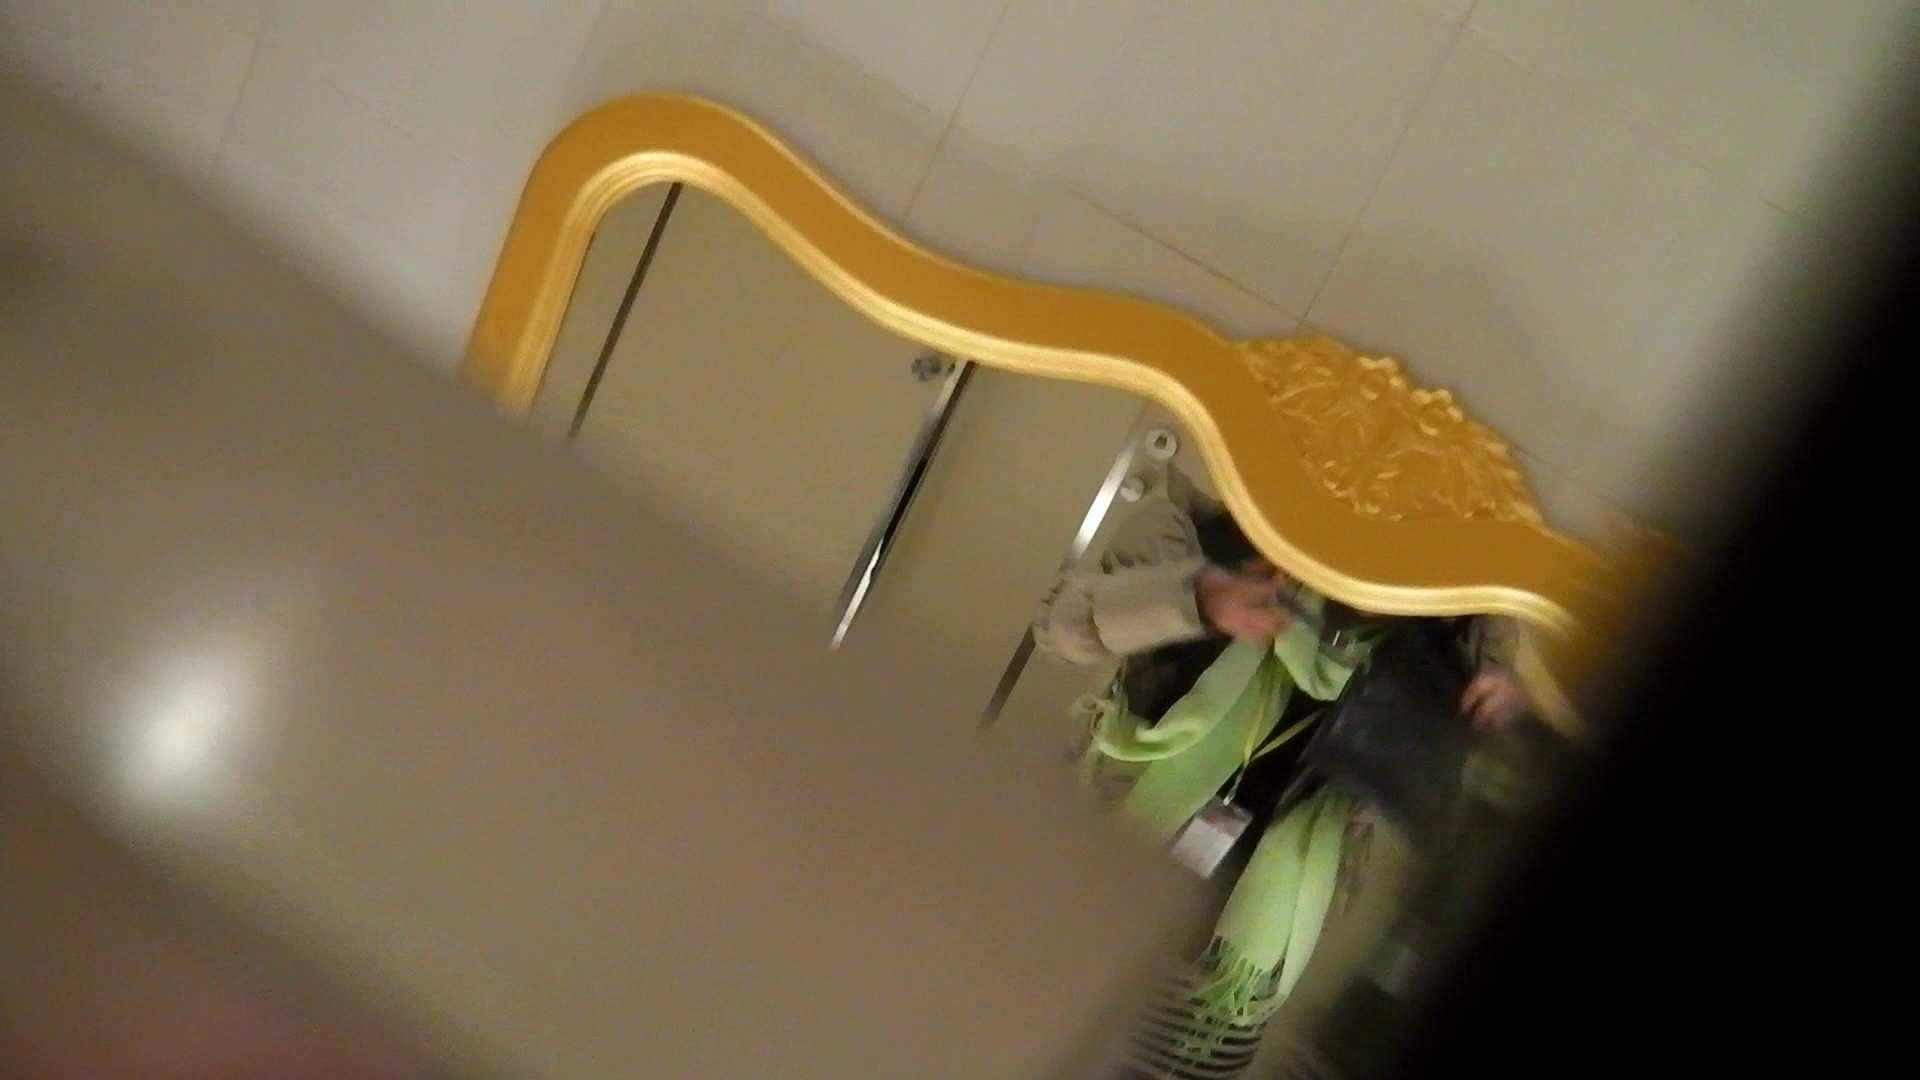 洗寿観音さんの 化粧室は四面楚歌Nol.4 洗面所  104pic 44